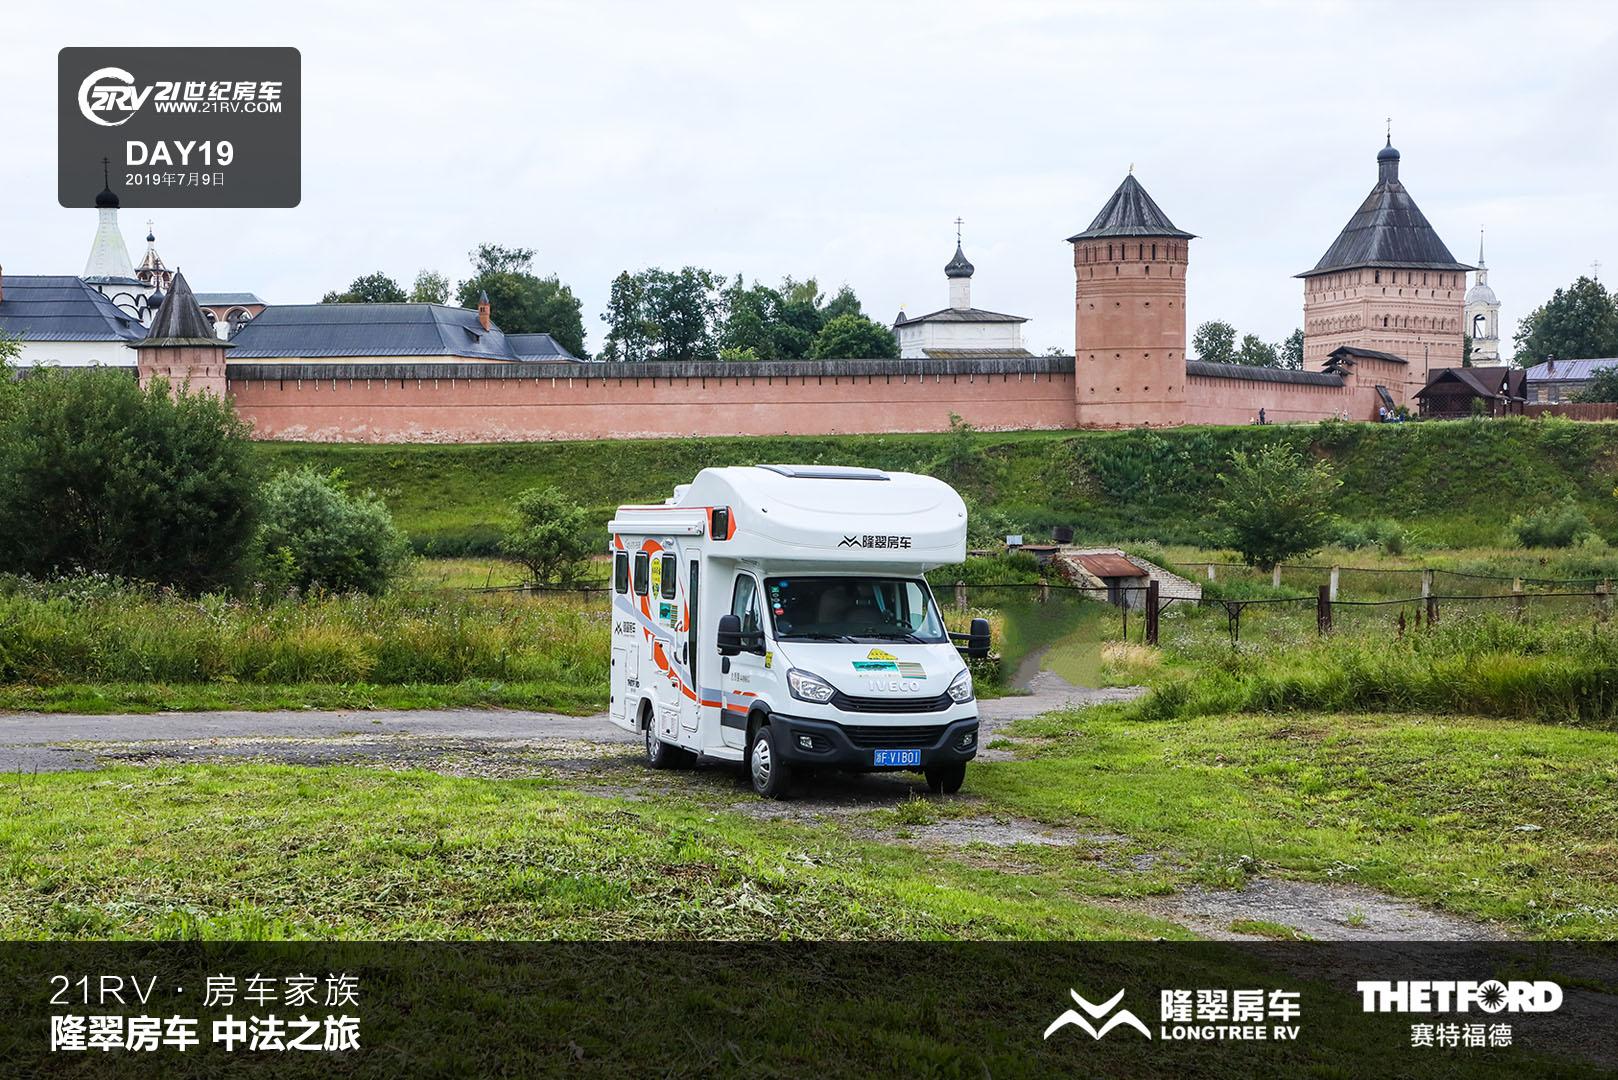 21RV房车家族·隆翠房车中法之旅(第十九天)